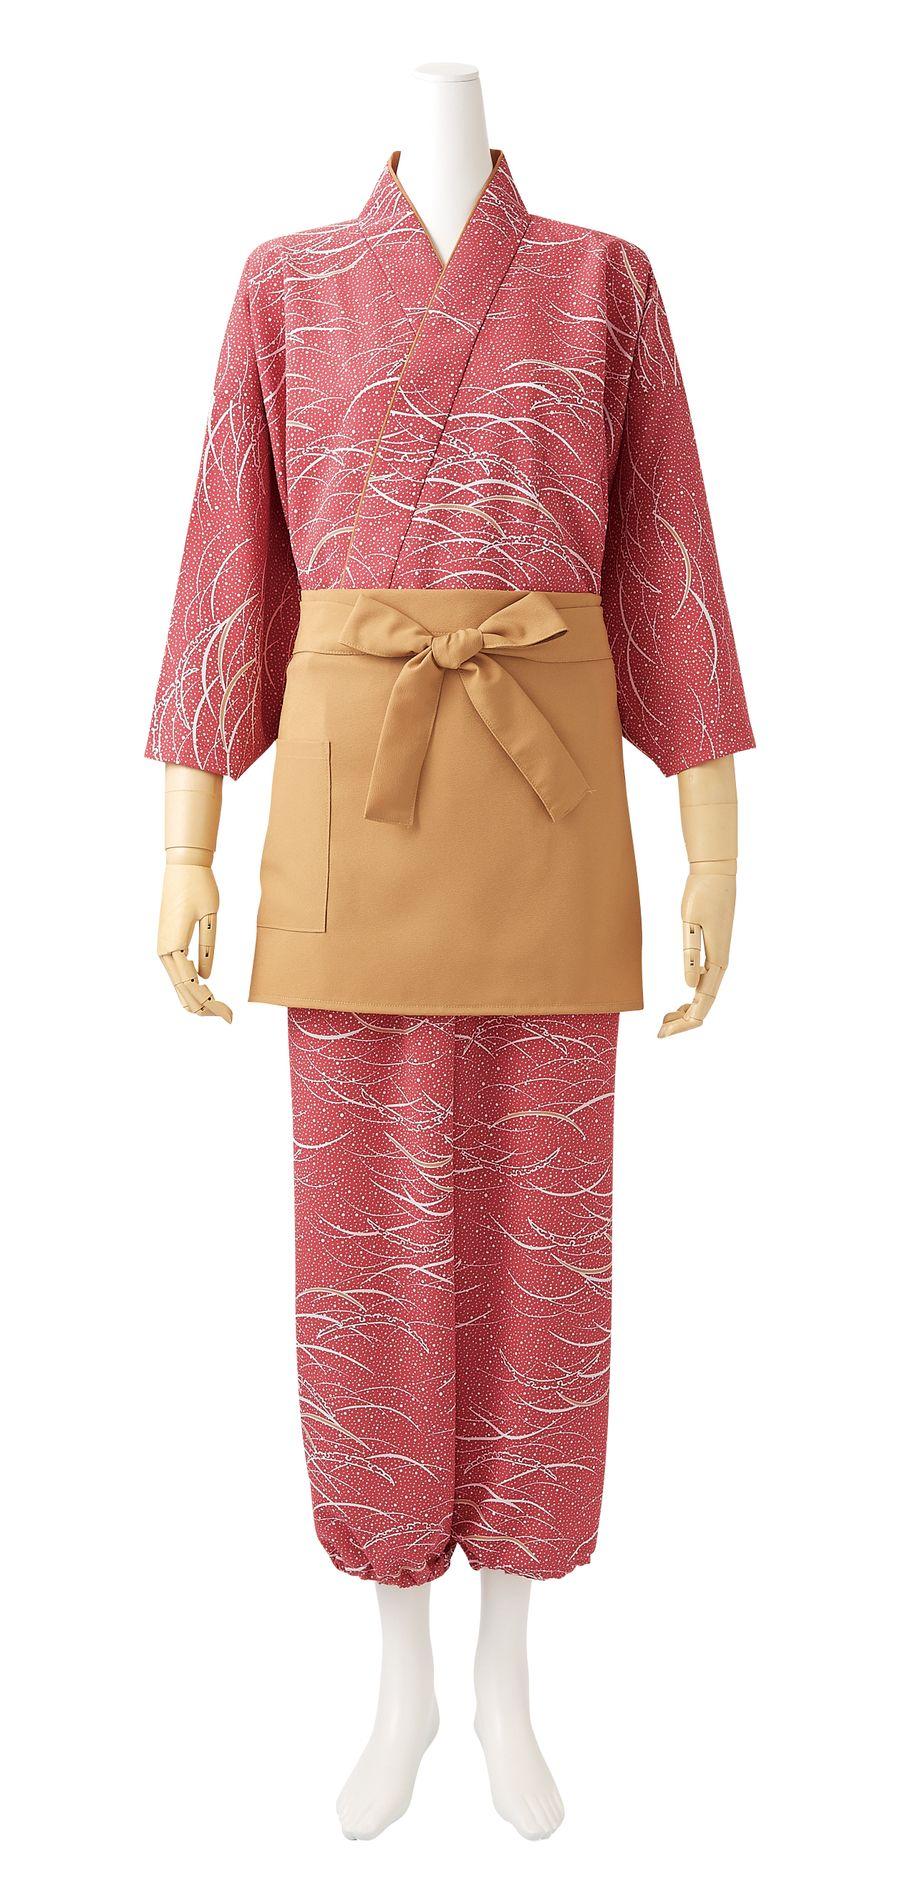 雪見笹柄紋はっぴ茶羽織(レディス・7分袖)